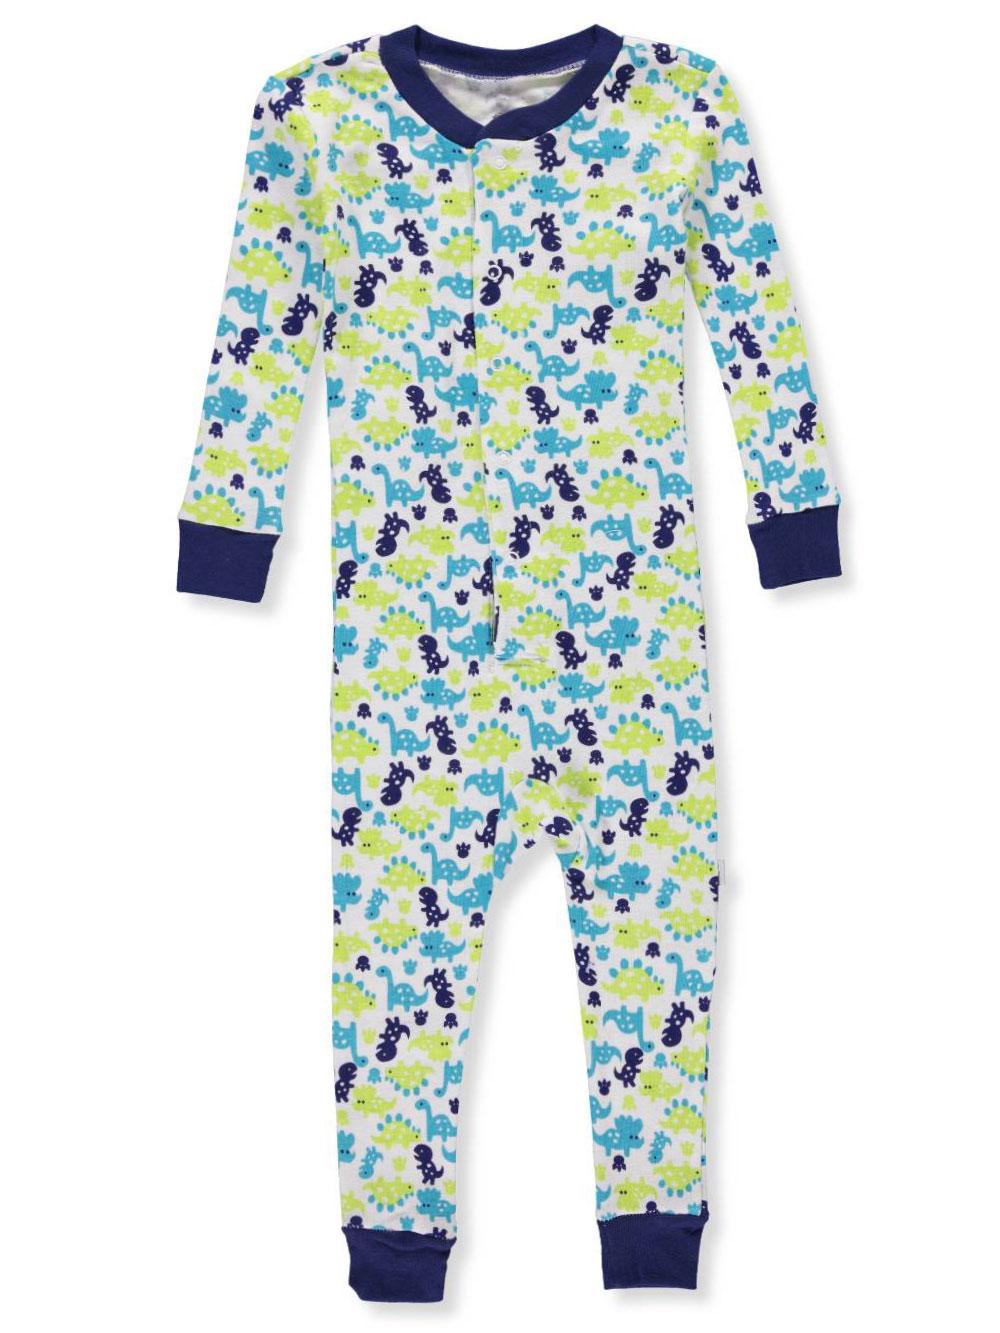 Baby Boy One Piece Turn-Me-Around Pajama